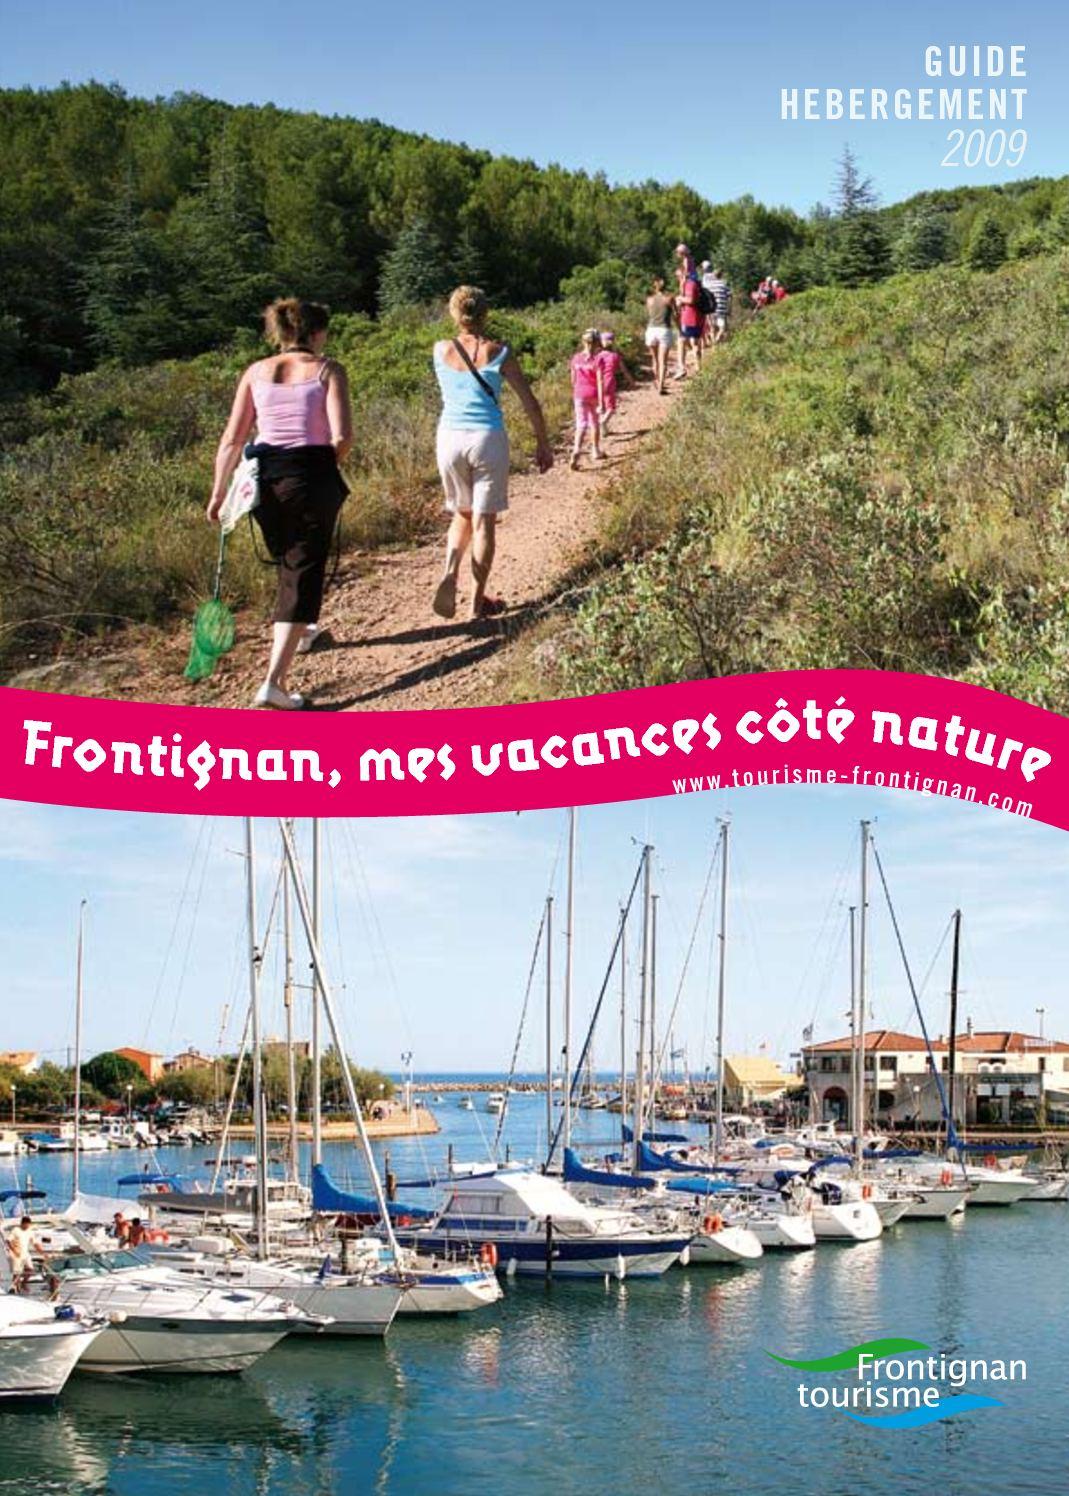 Calam o guide h bergement 2009 de l 39 office de tourisme - Office tourisme honfleur hebergement ...